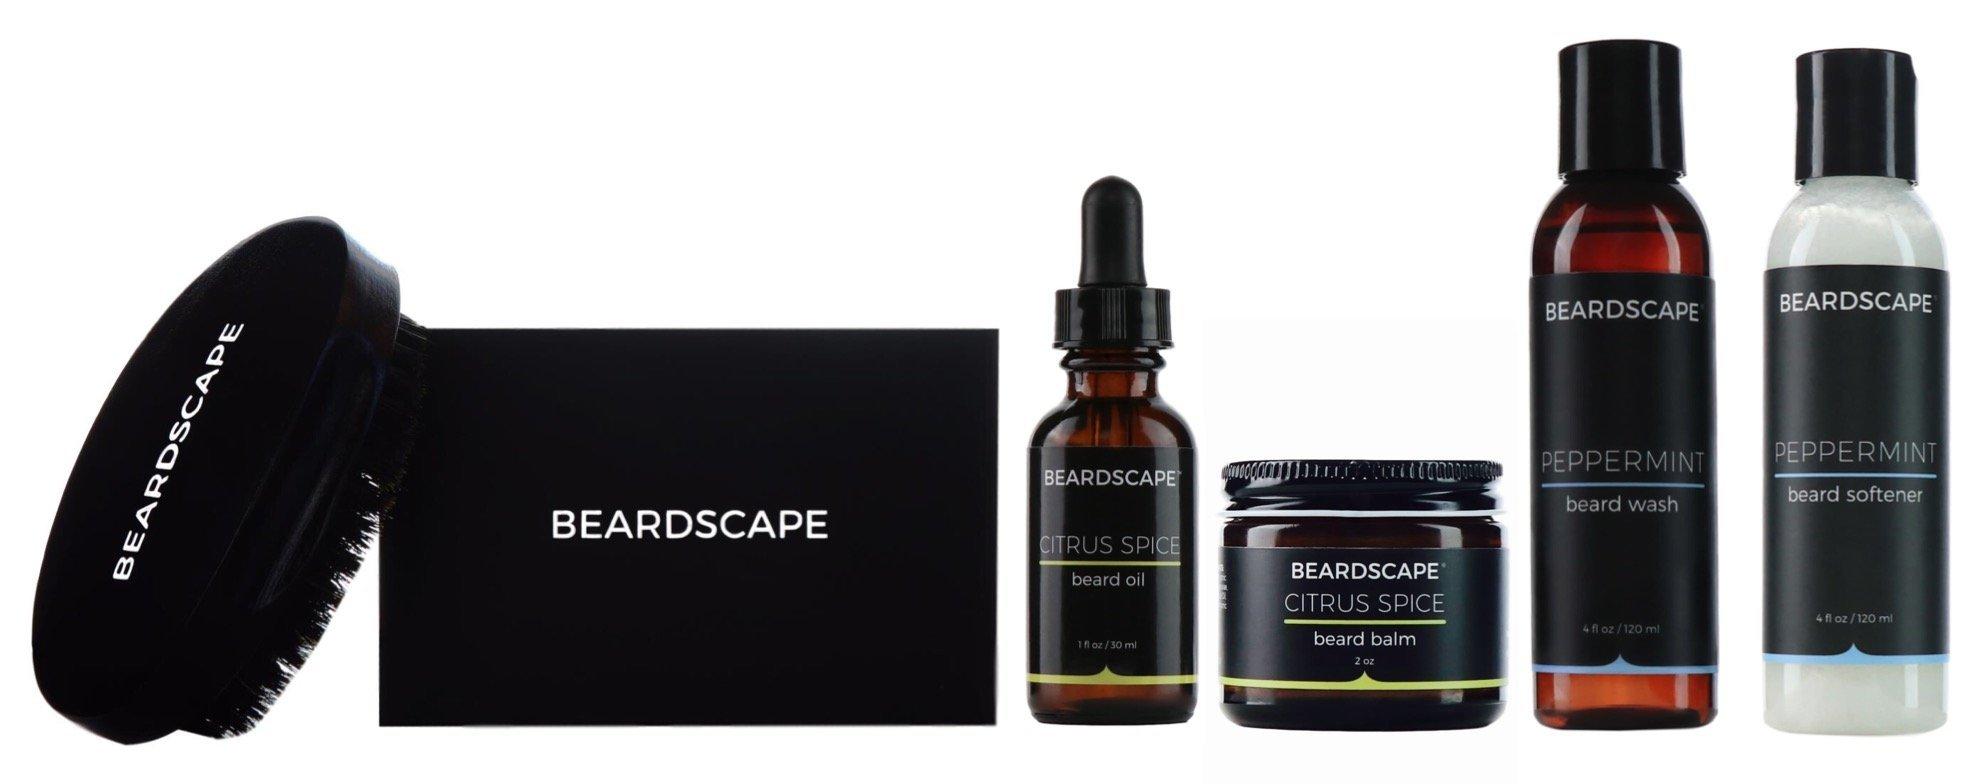 Beardscape Executive Beard Brush Kit (Citrus Spice)